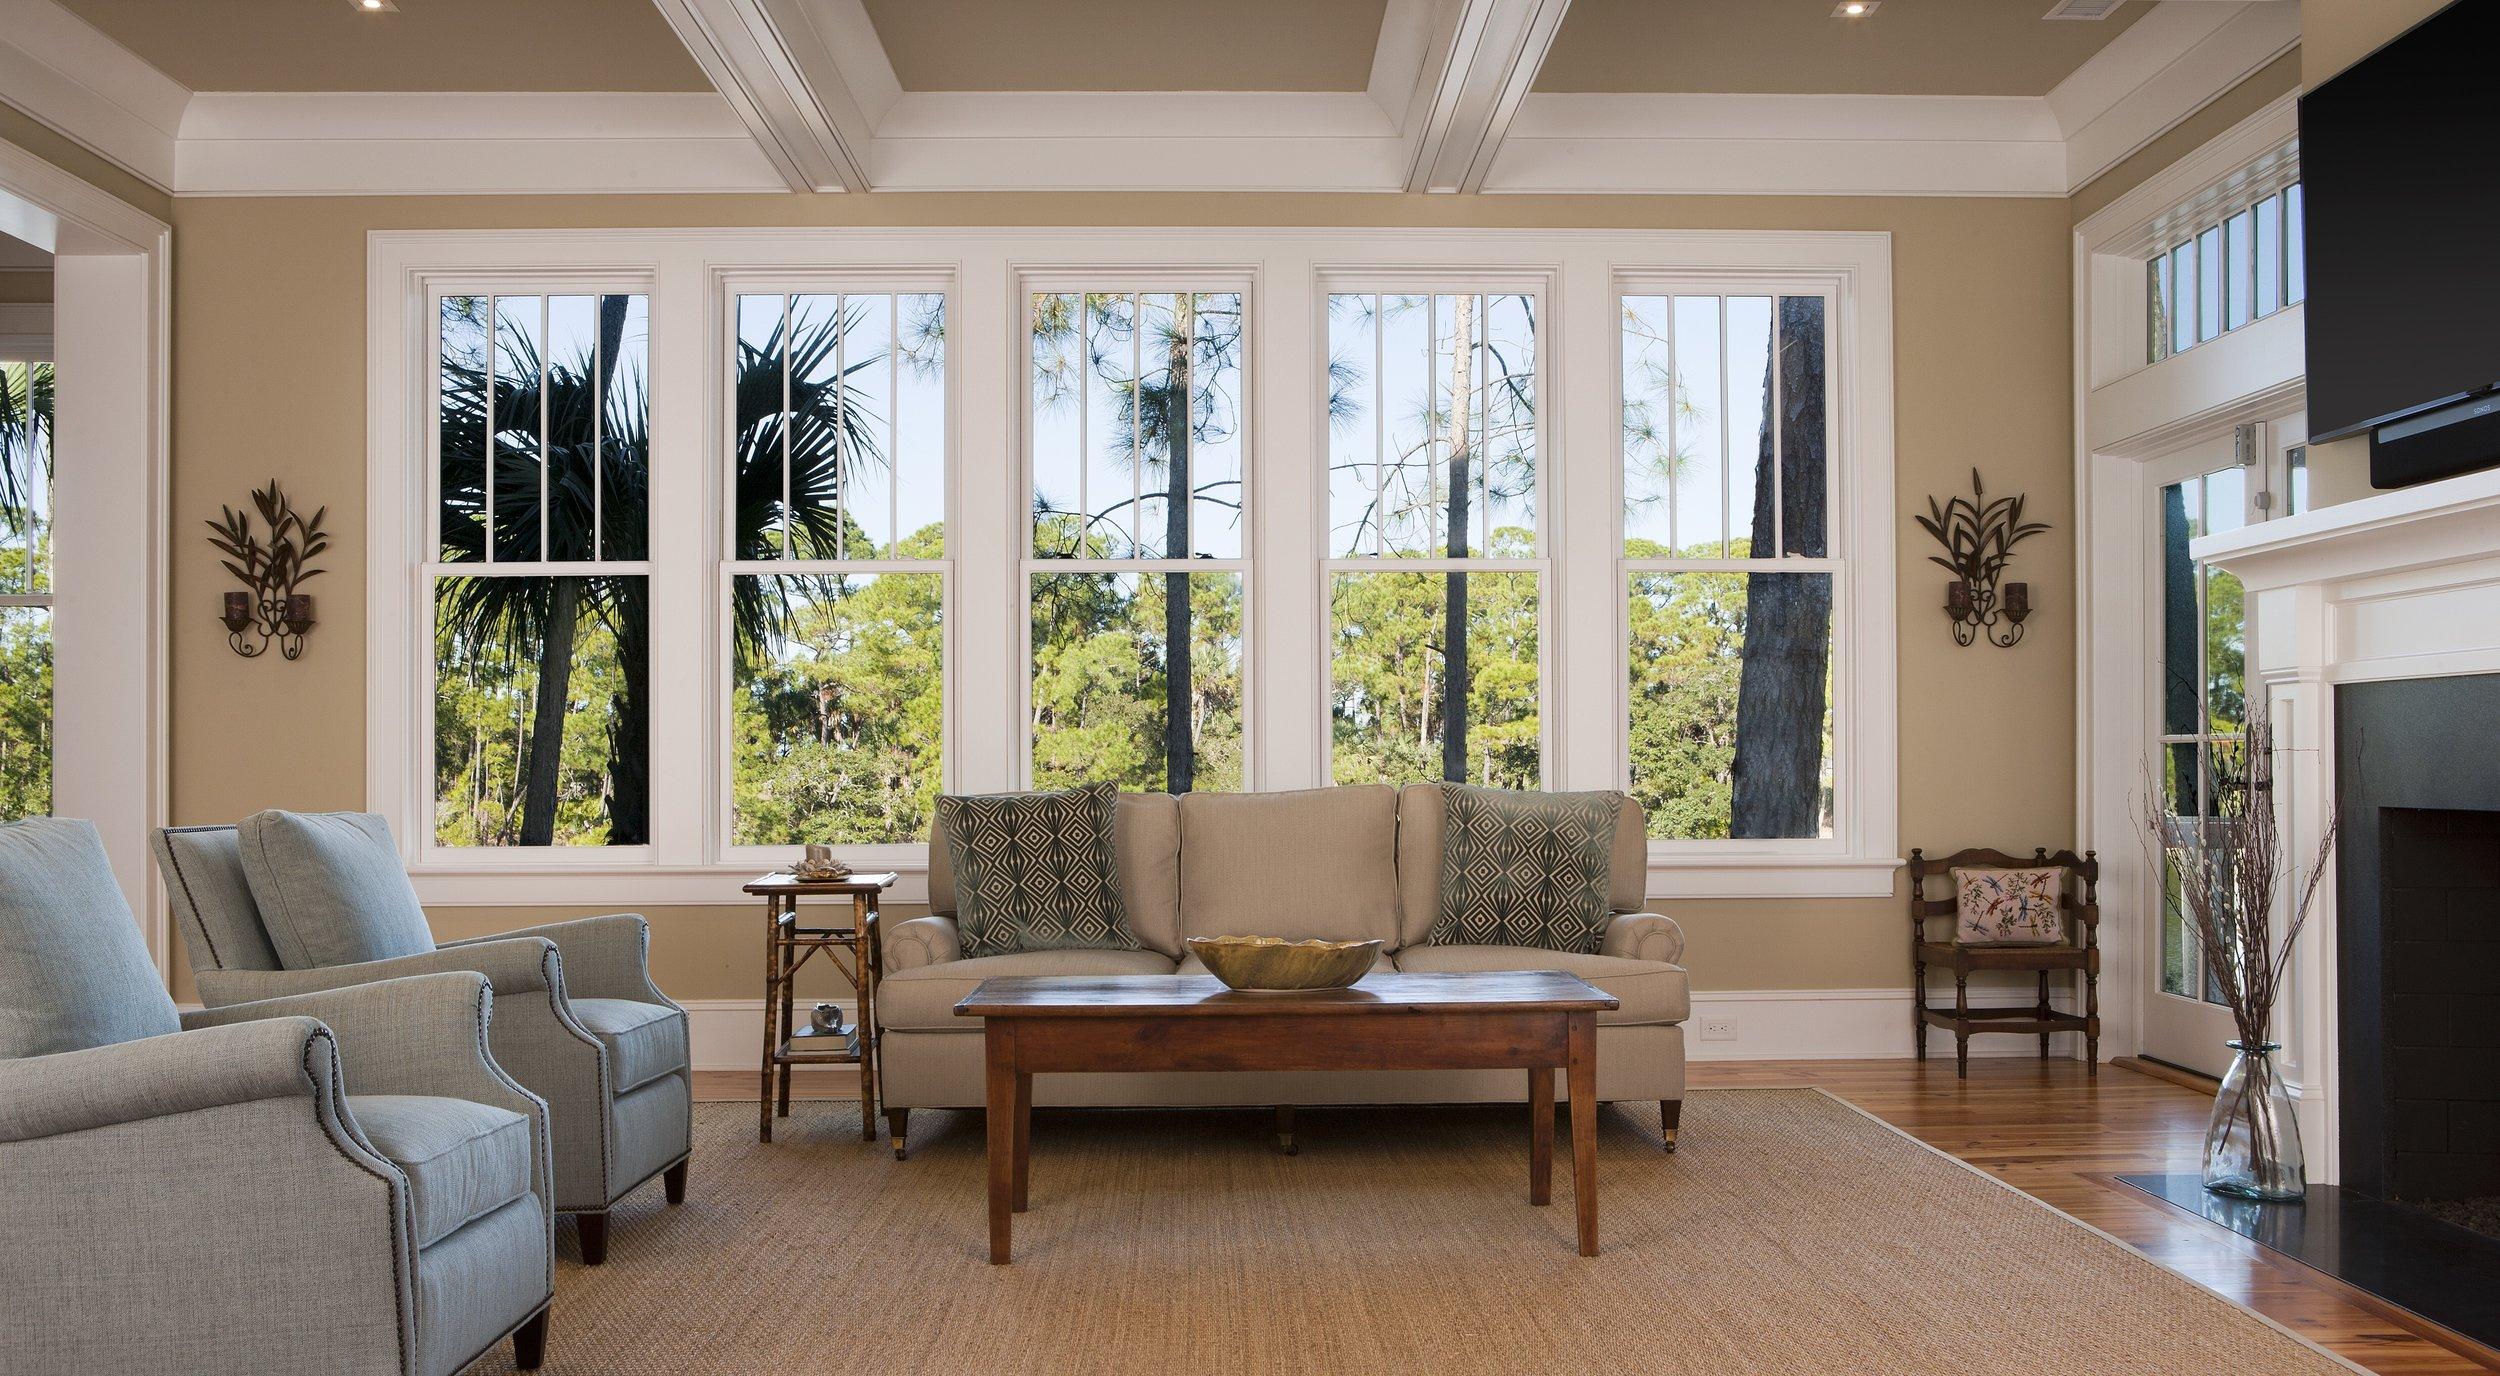 8 Hayn Livingroom 01.jpg